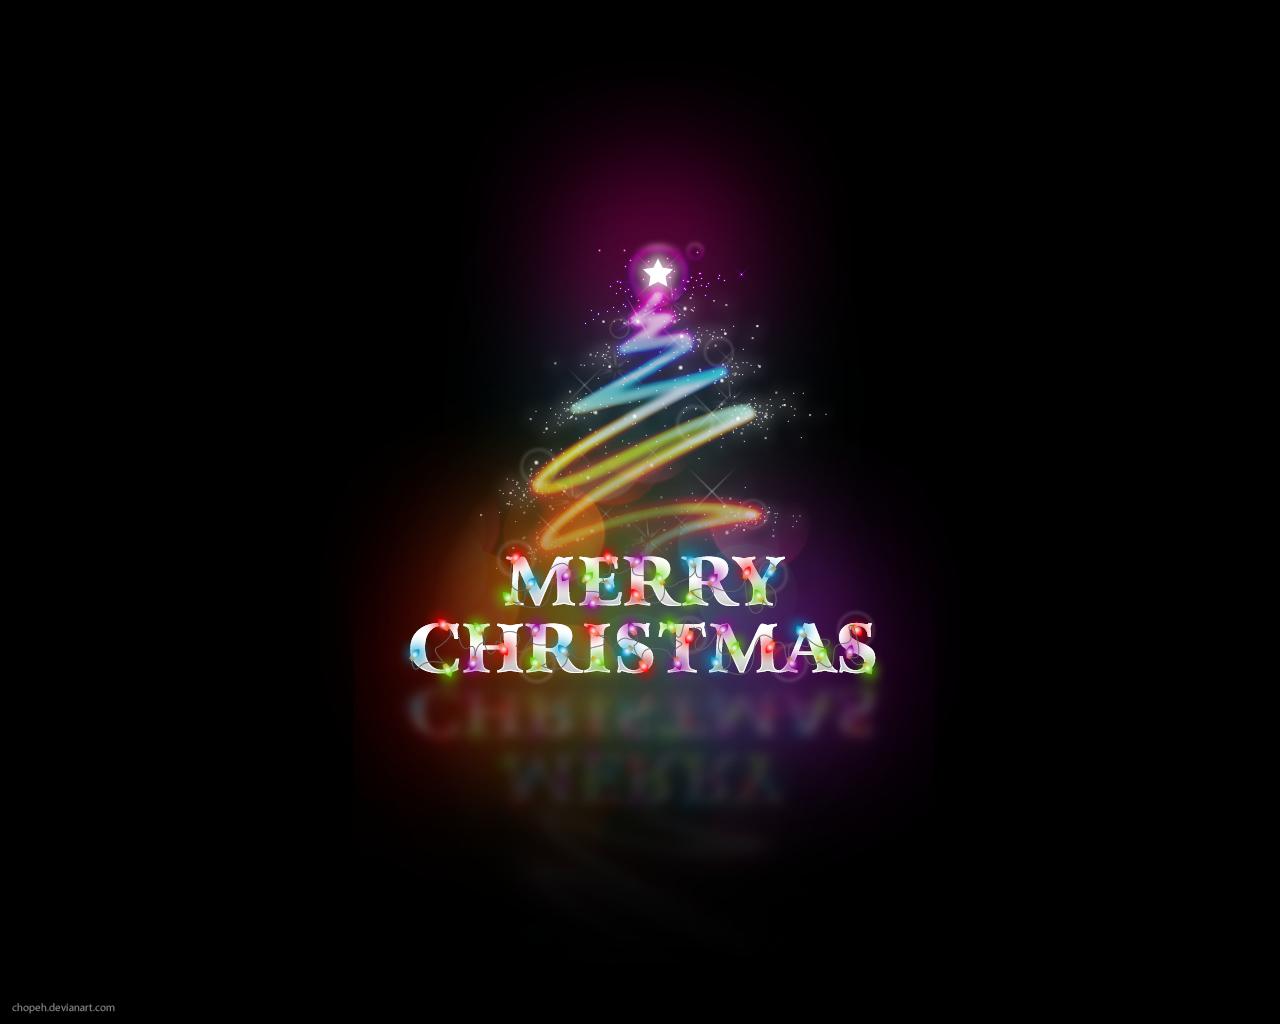 http://2.bp.blogspot.com/_aF2DEl9iIG8/TRXij5vjNiI/AAAAAAAAAC4/JwuWDNuw1w0/s1600/Merry_Christmas__by_chopeh.jpg